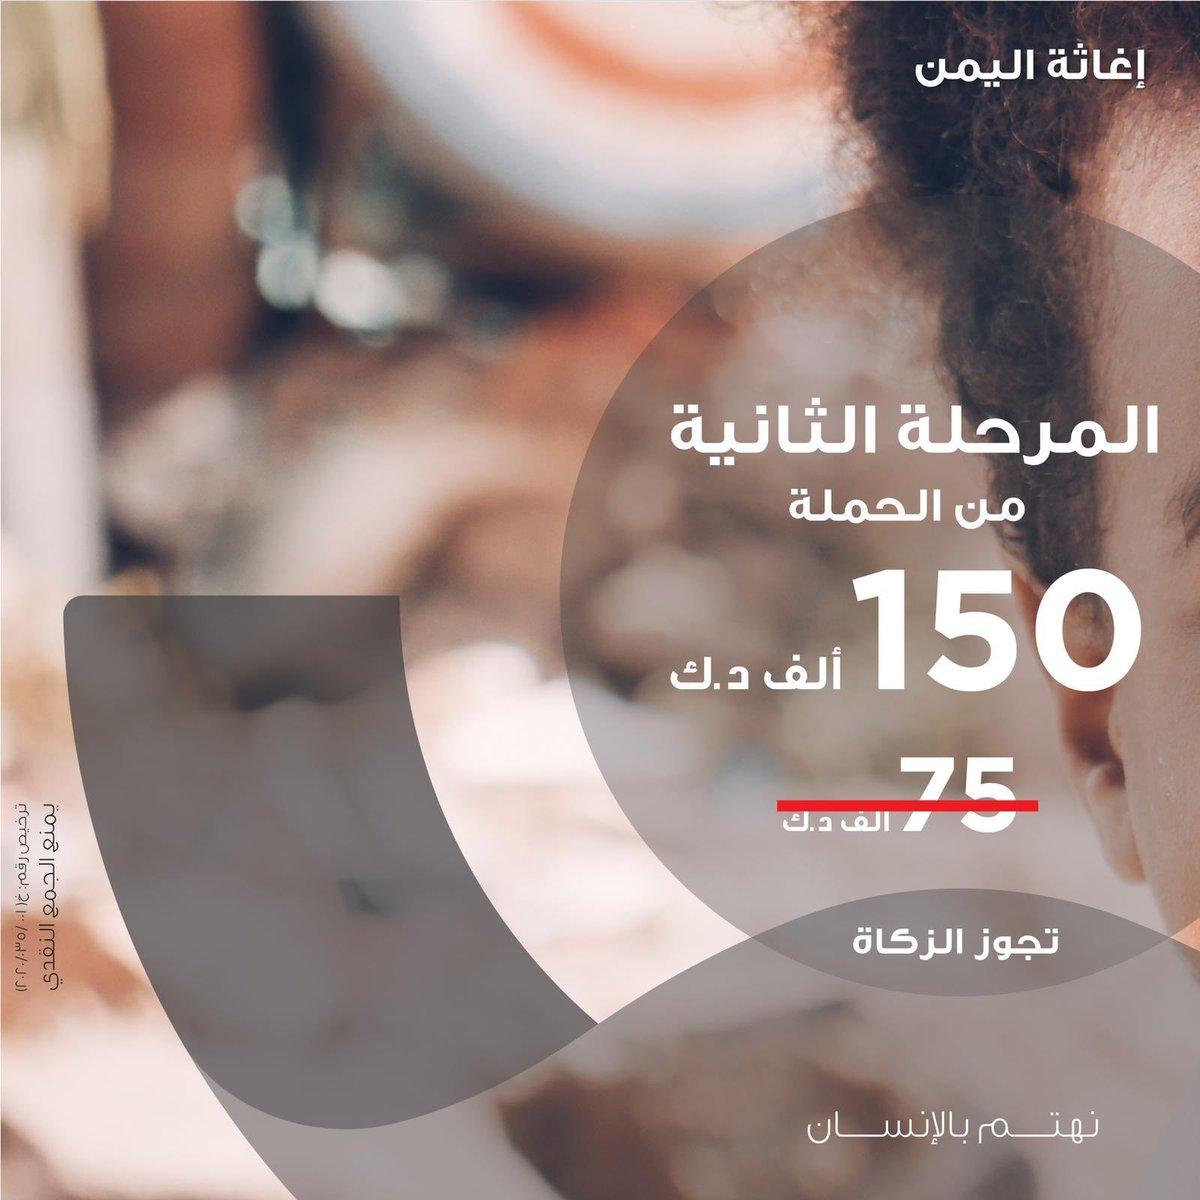 بفضل الله ثم بدعمكم حققنا هدف المرحلة الأولى لتوفير الغذاء والدواء لـ 15 ألف يمني   ونبدأ المرحلة الثانية من حملة أغيثوهم لإنقاذ 30 ألف يمني  ▫️بـ 5 د.ك نوفر غذاء ودواء لشخص  رابط التبرع 👇     ✅  تجوز الزكاة  #نماء_الخيرية